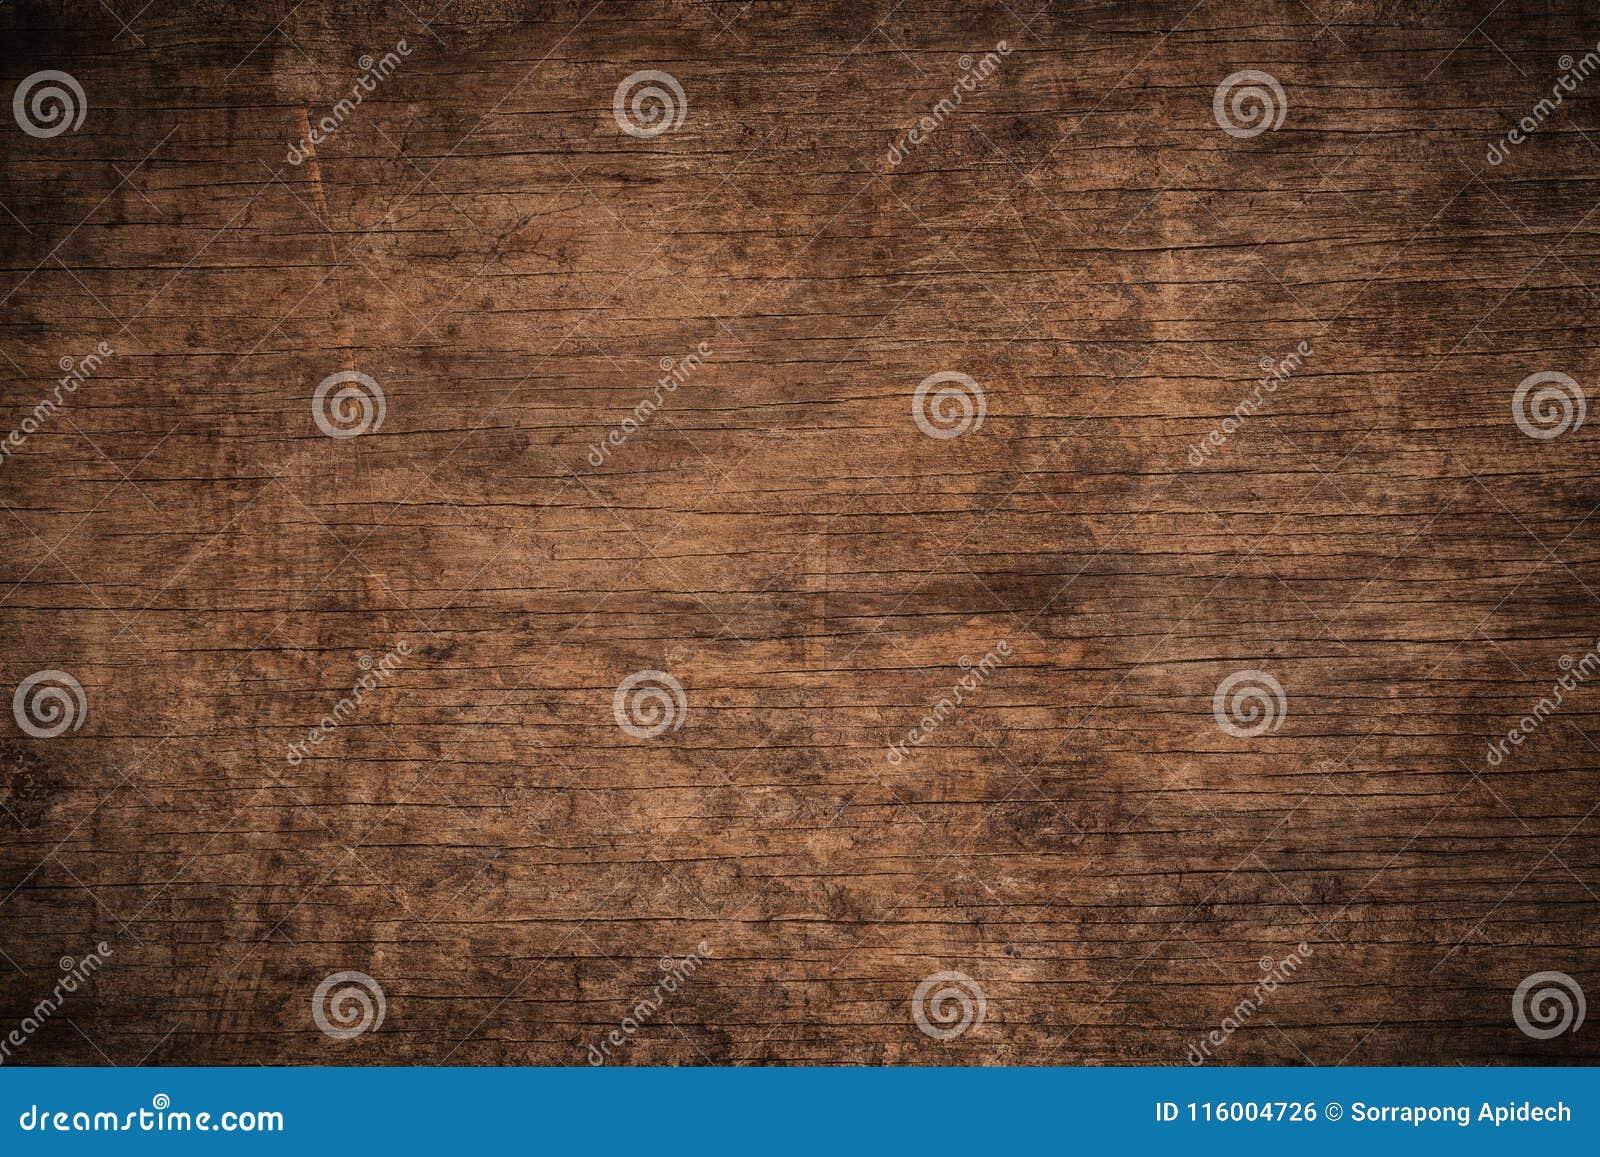 Fundo de madeira textured escuro do grunge velho, a superfície da textura de madeira marrom velha, paneling de madeira do marrom